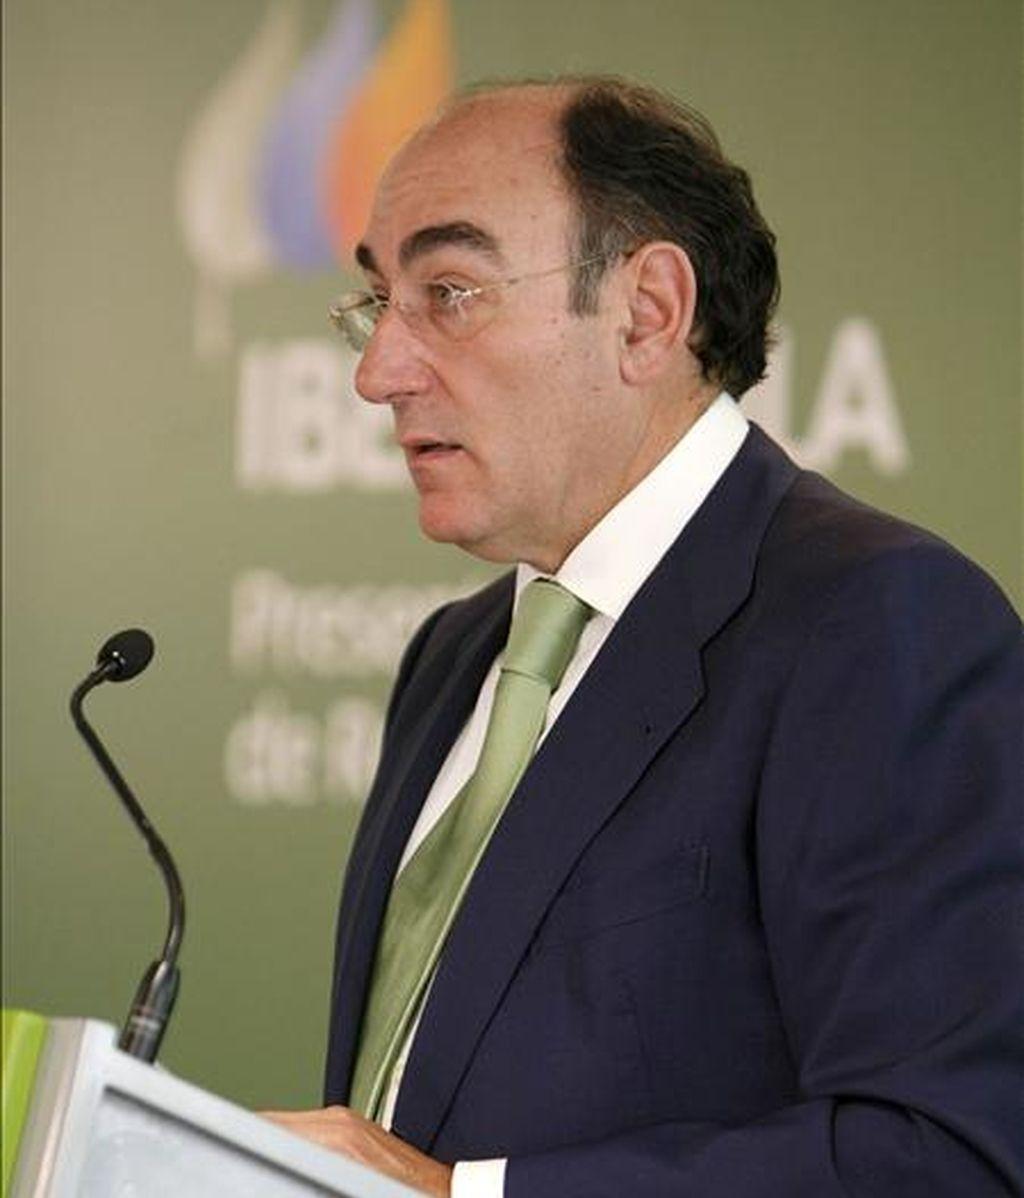 El presidente de Iberdrola, Ignacio Sánchez Galán. EFE/Archivo